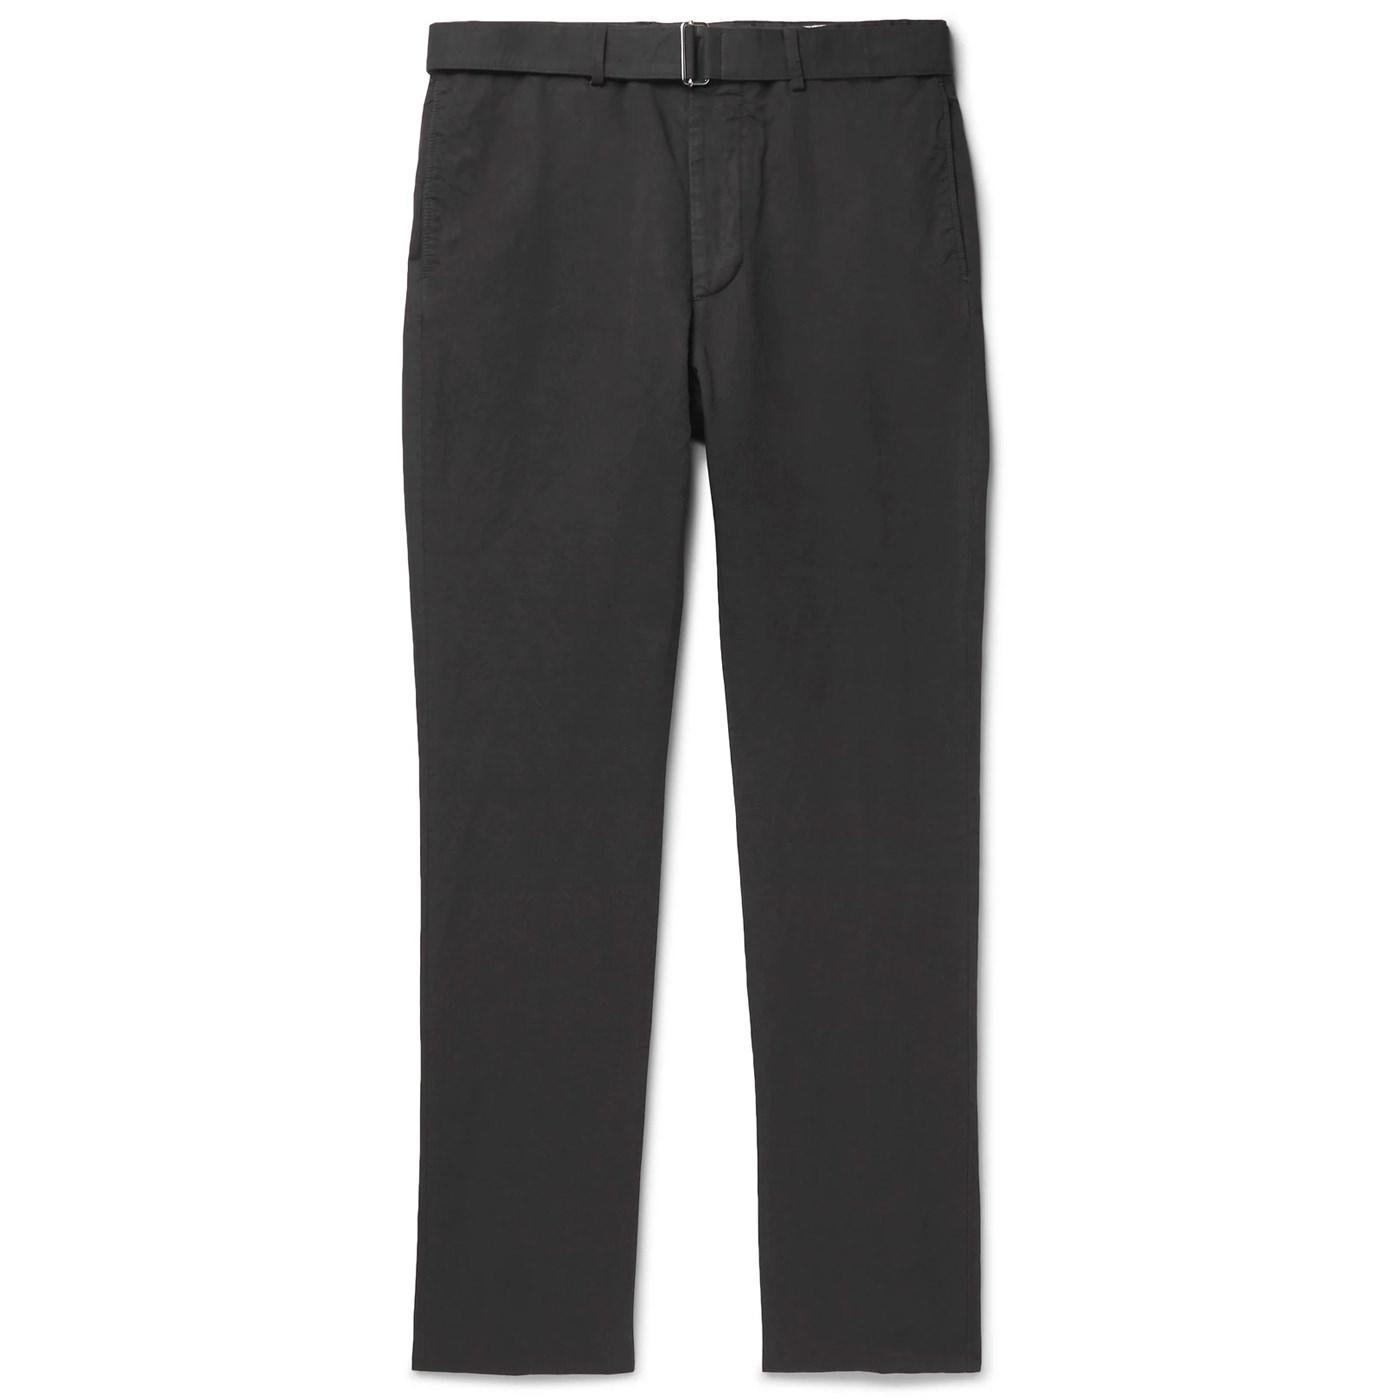 Style Mr Porter Pantalon Officine Générale Gris Coton Lin